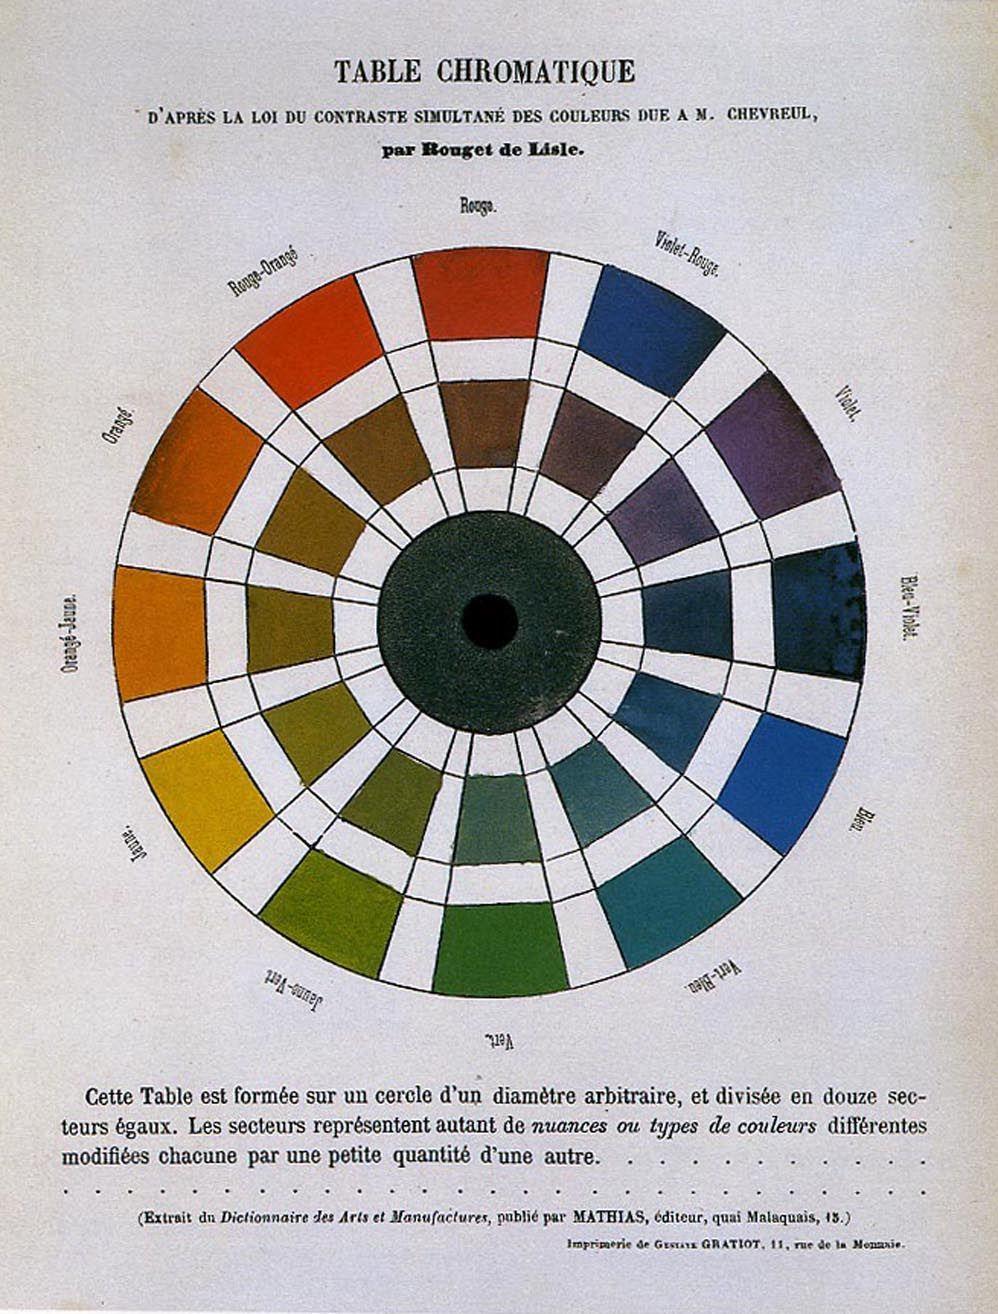 Rouget De Lisle Chromagraphie Paris 1838 The Chromatic Table